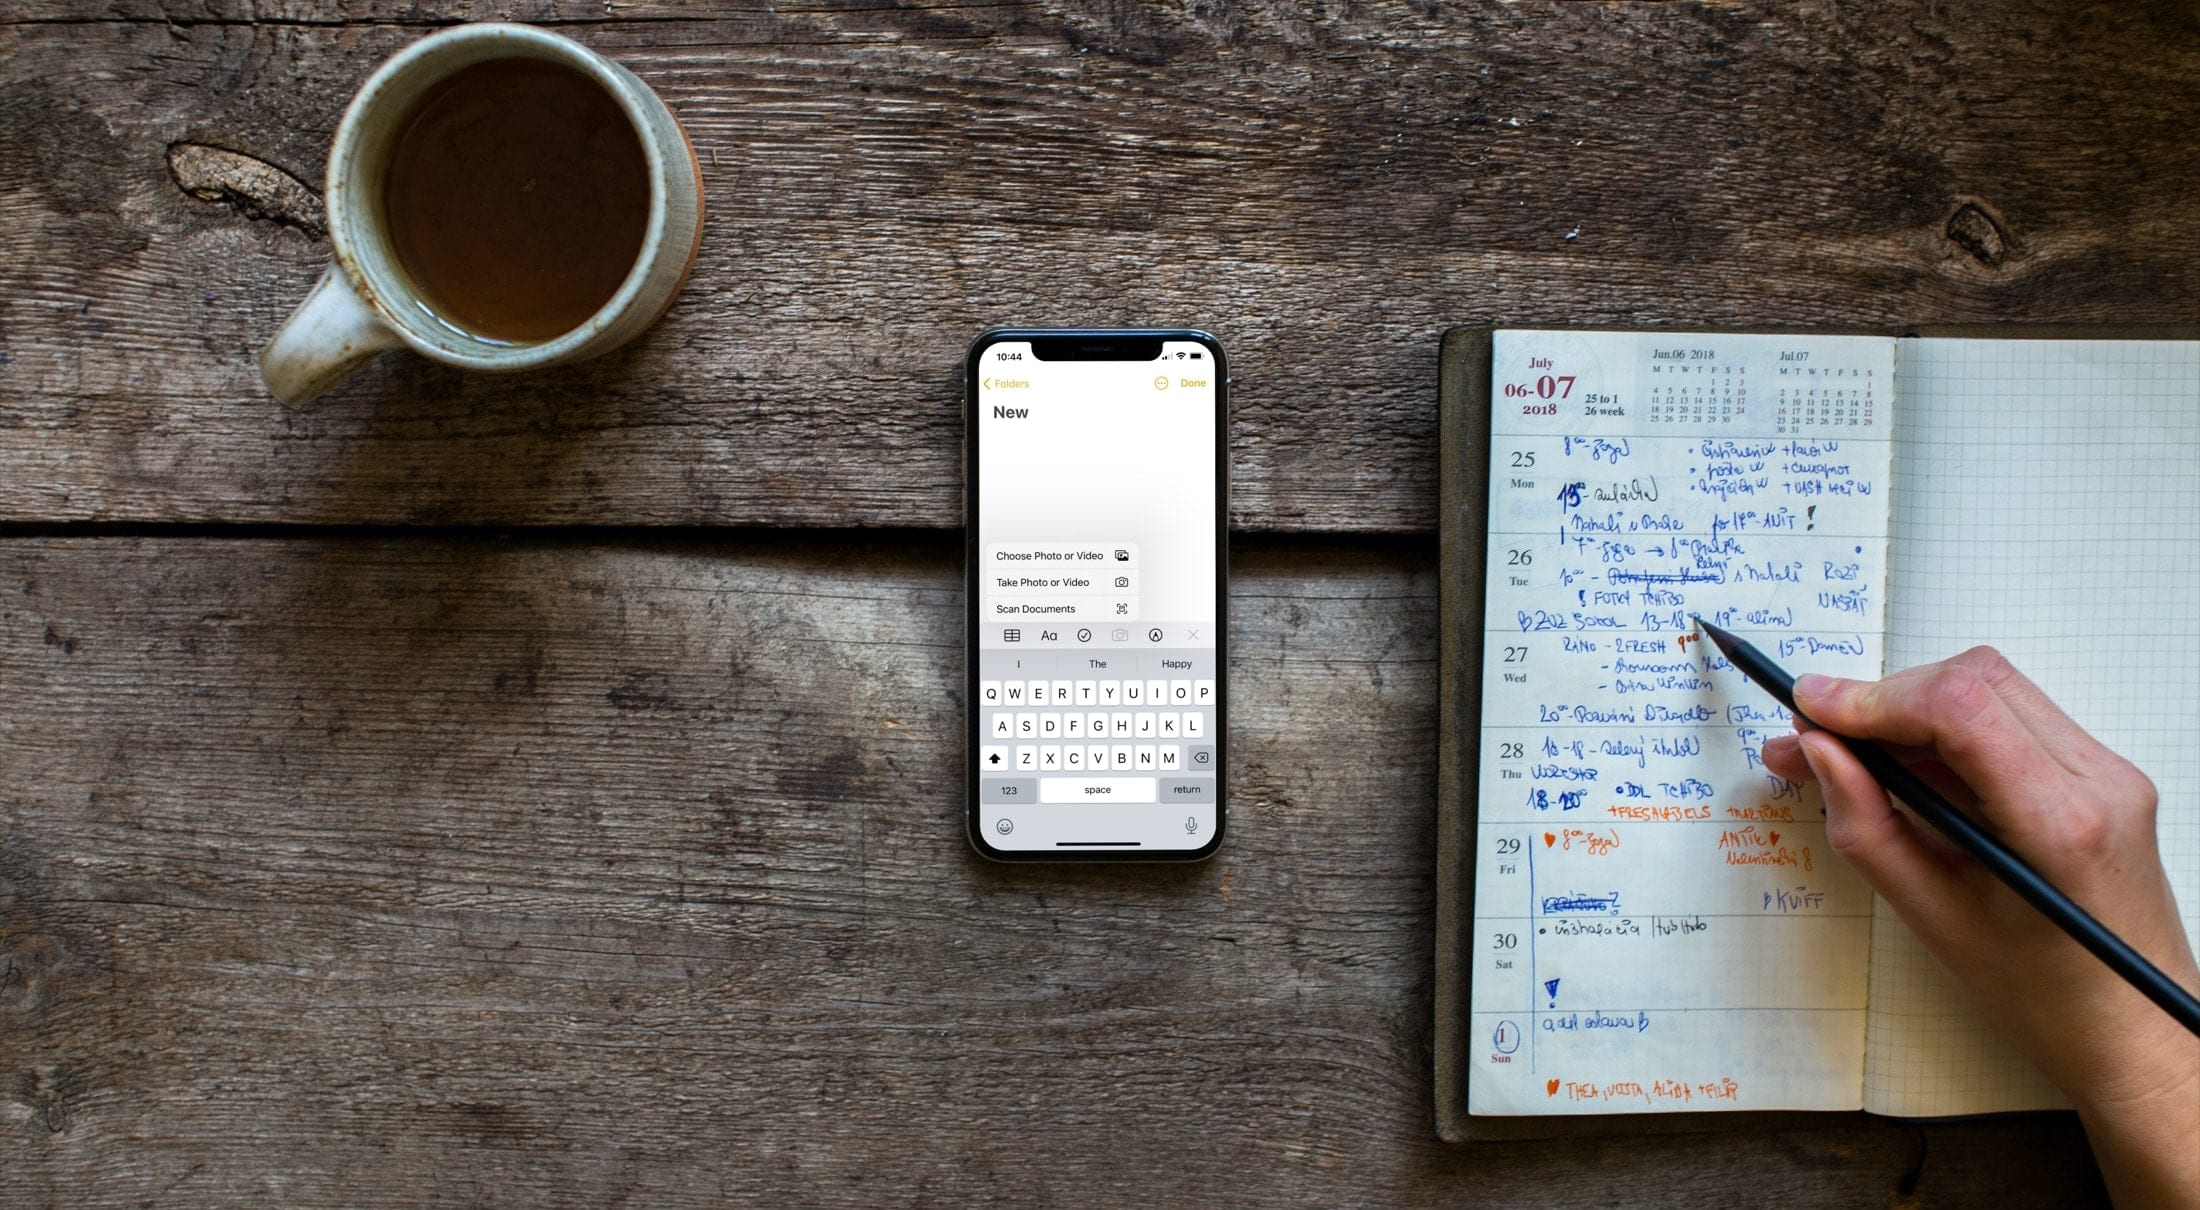 Fügen Sie Notizen auf dem iPhone Fotos oder Videos hinzu